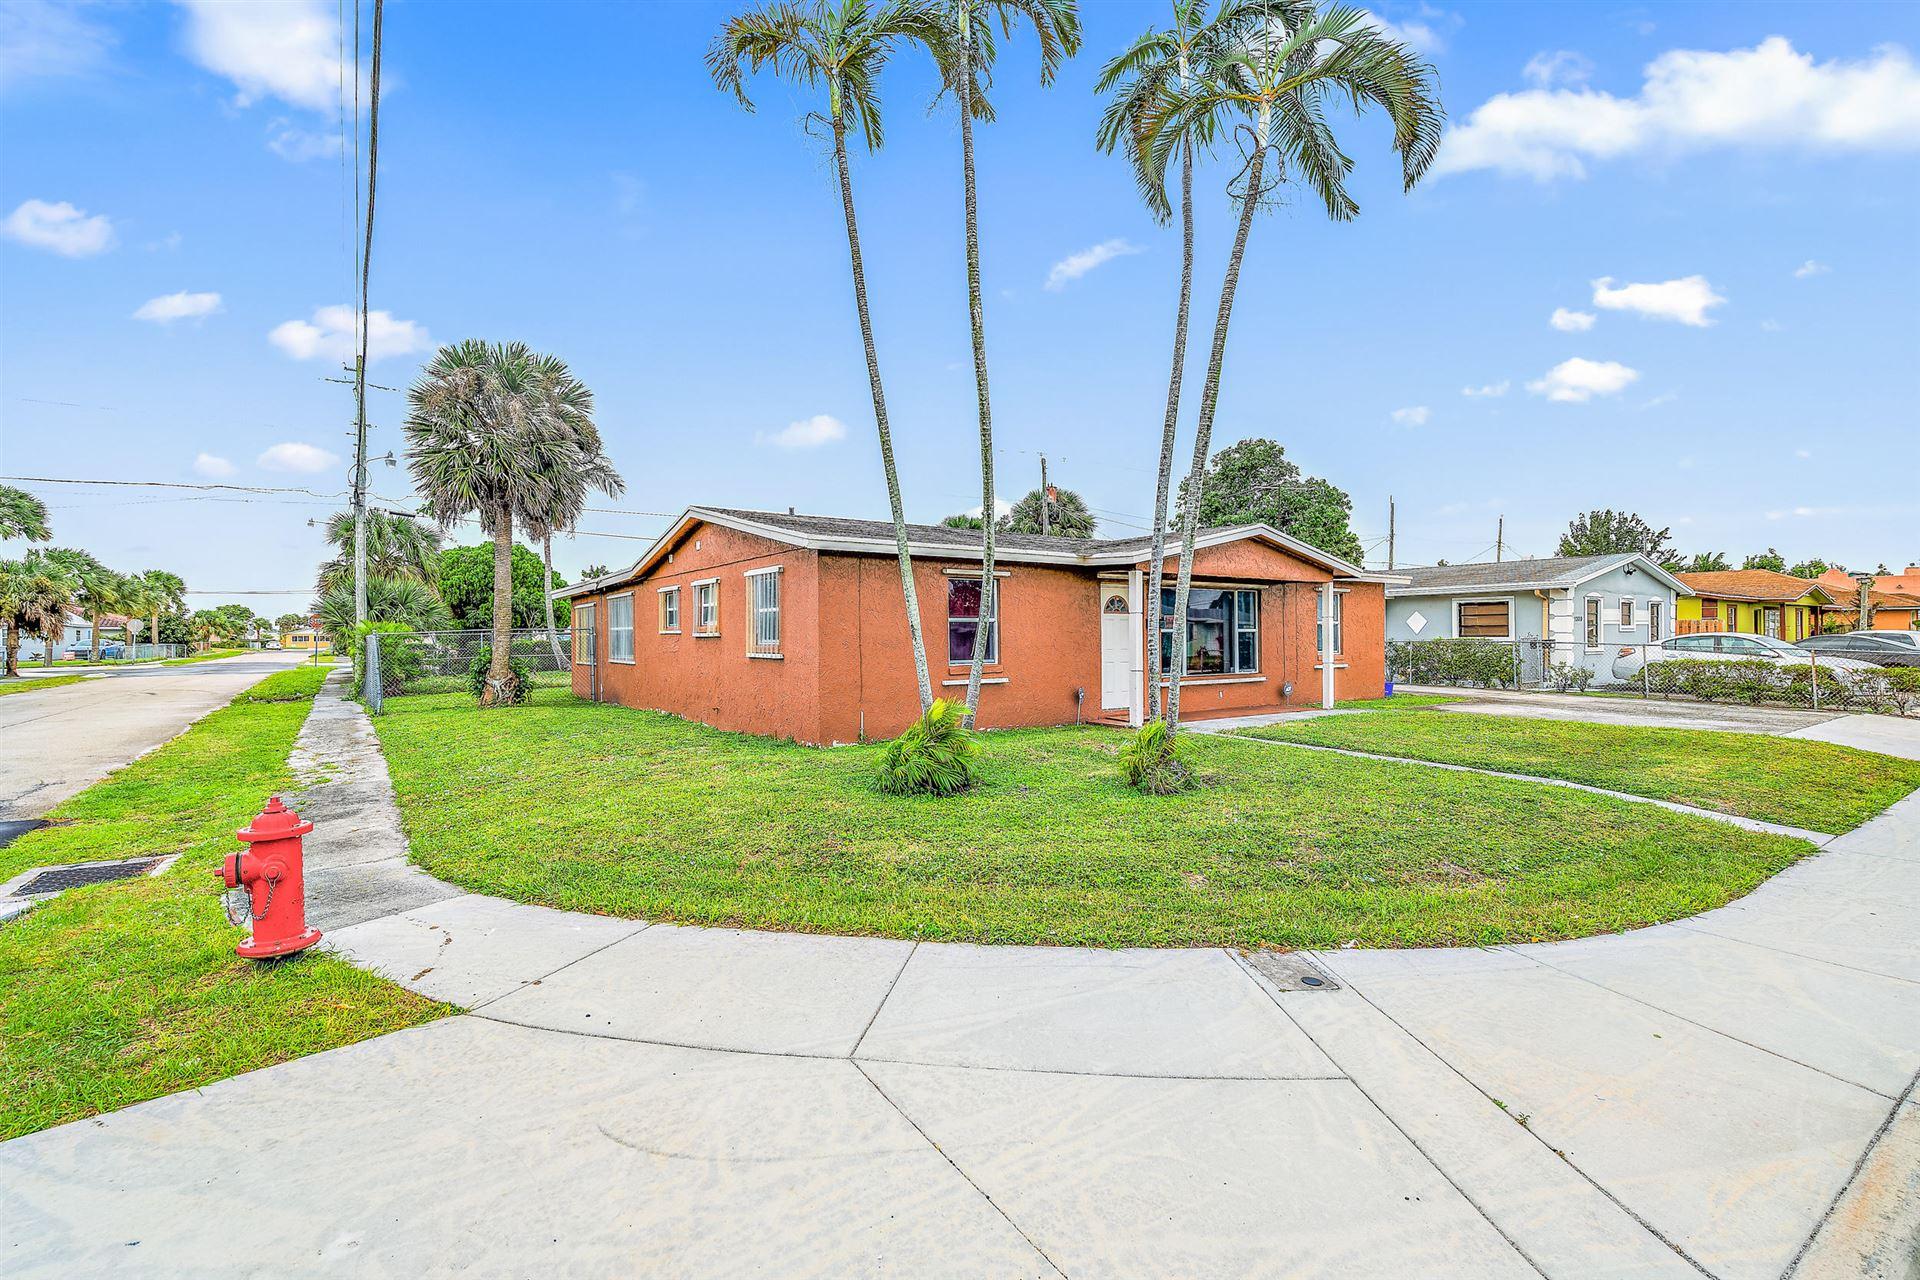 Photo of 1301 W 26th Street, Riviera Beach, FL 33404 (MLS # RX-10669838)